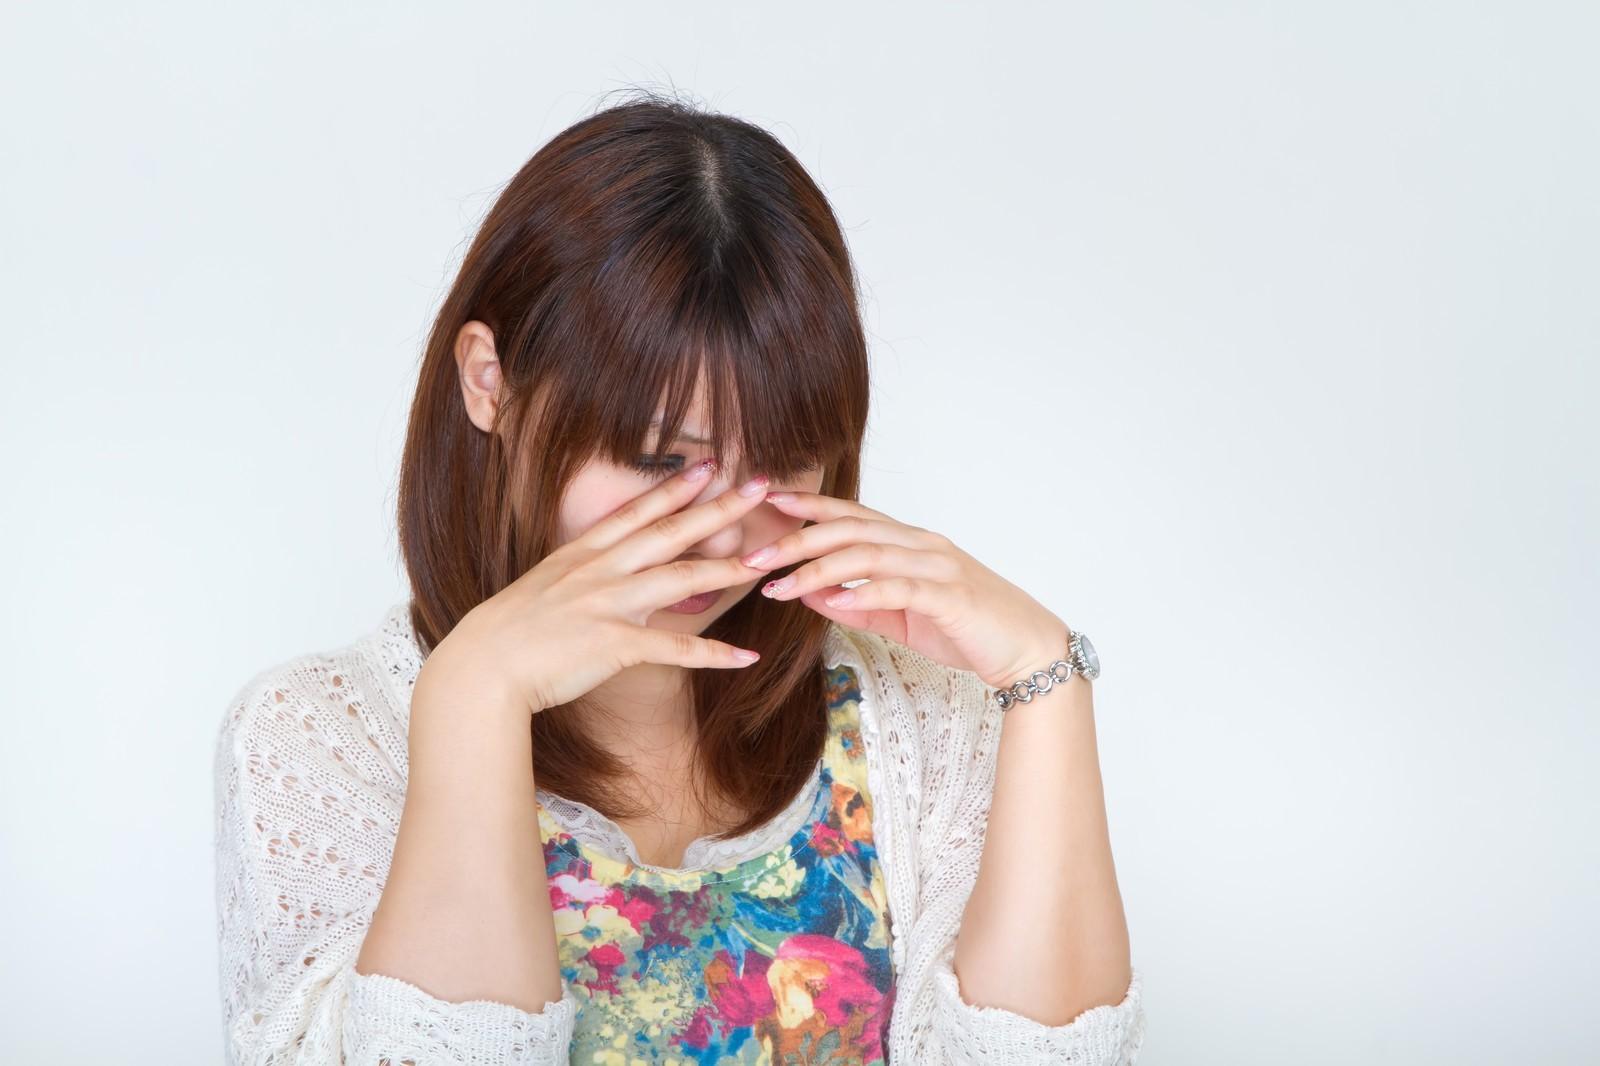 哭泣(圖/取自免費圖庫Pixabay)